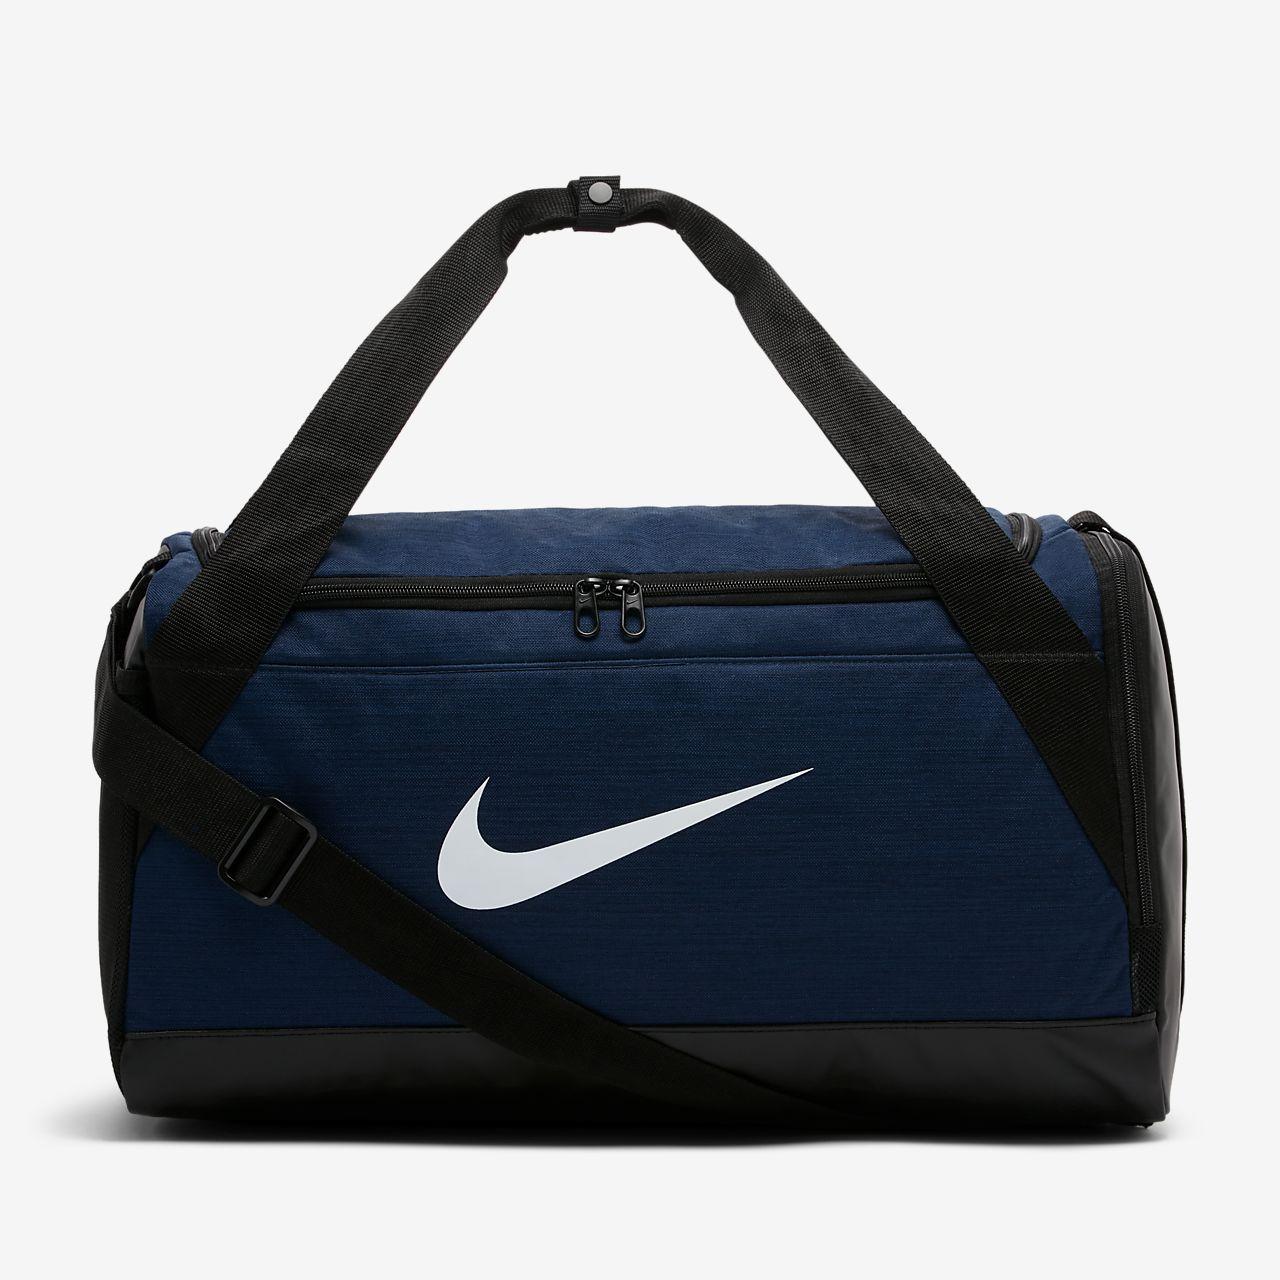 Nike Brasilia (Küçük Boy) Antrenman Spor Çantası